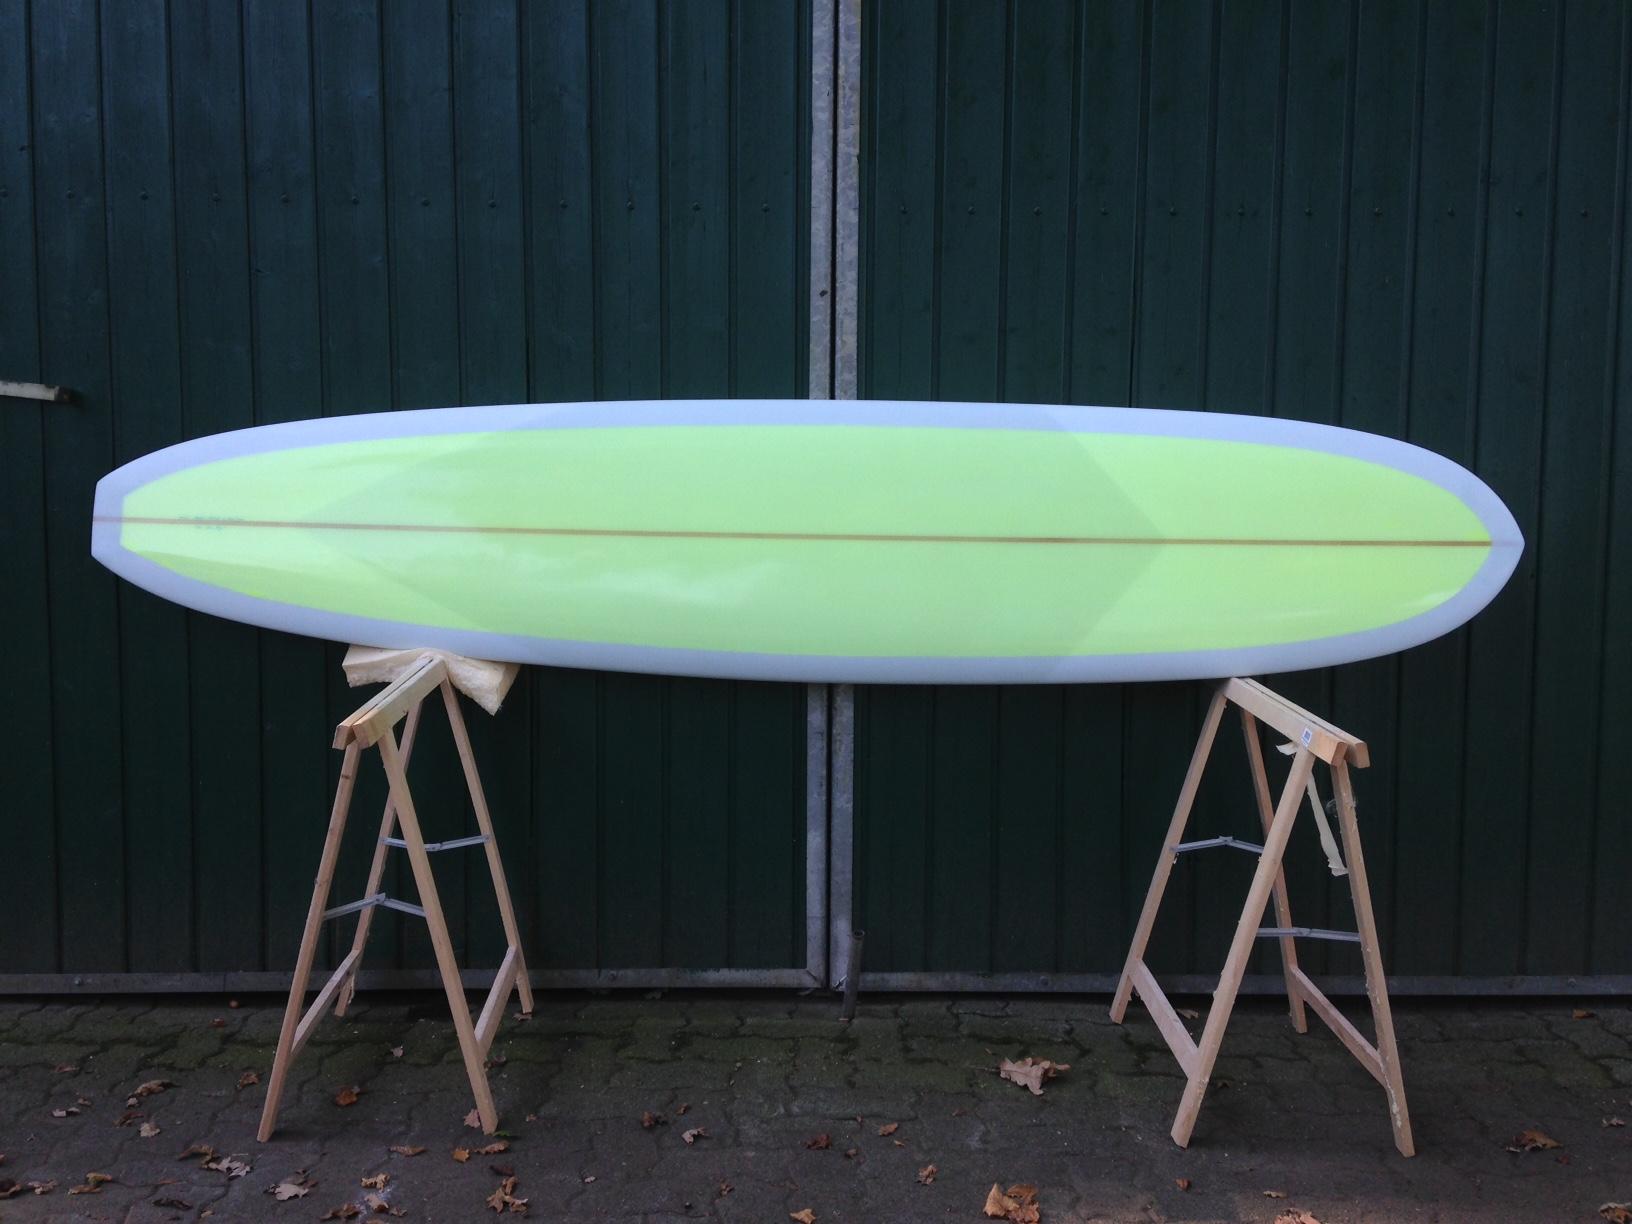 jones_shapes_brock_jones_surfboard_002.JPG